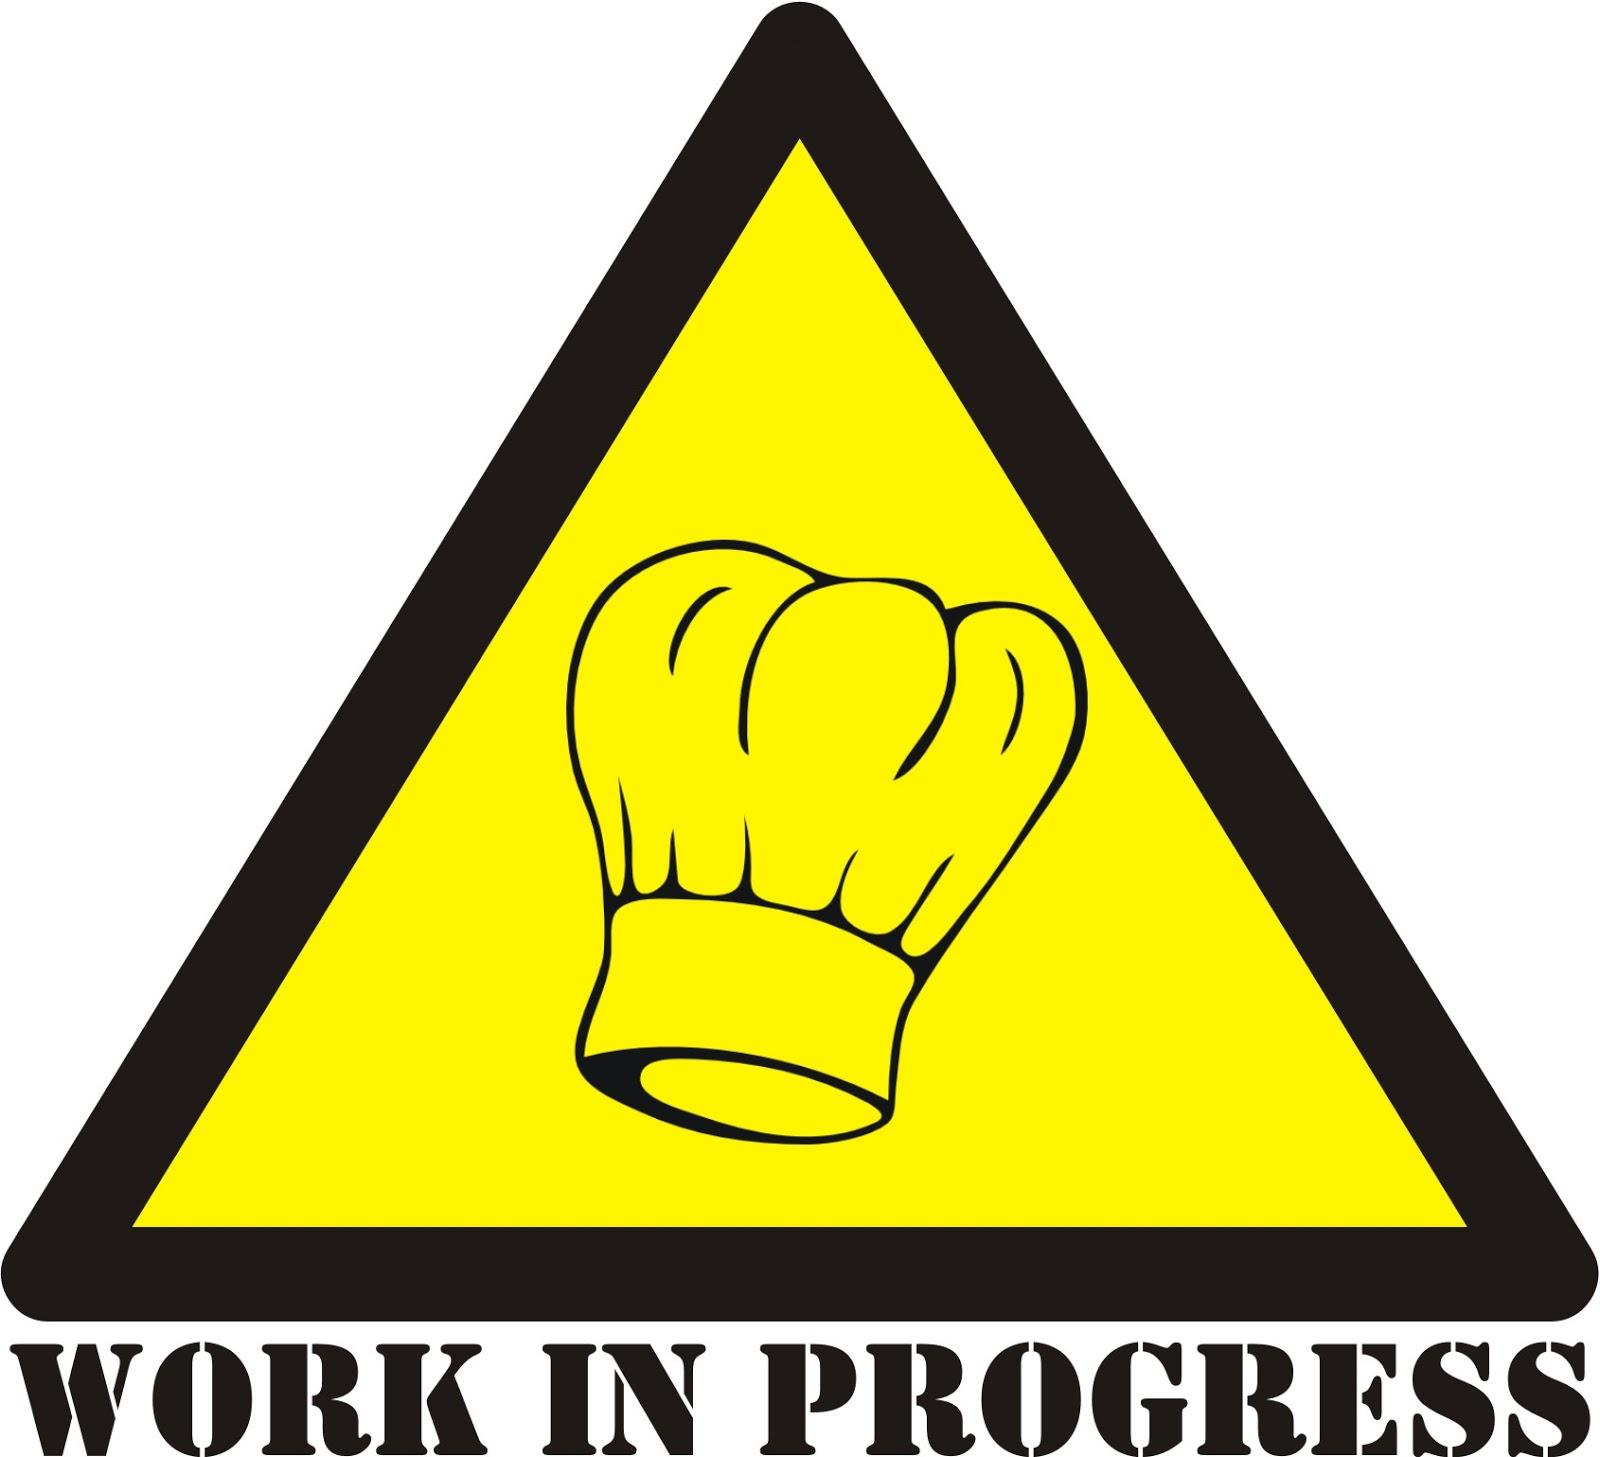 Work In Progress : Va pensiero ristorante pizzeria a loro ciuffenna work in